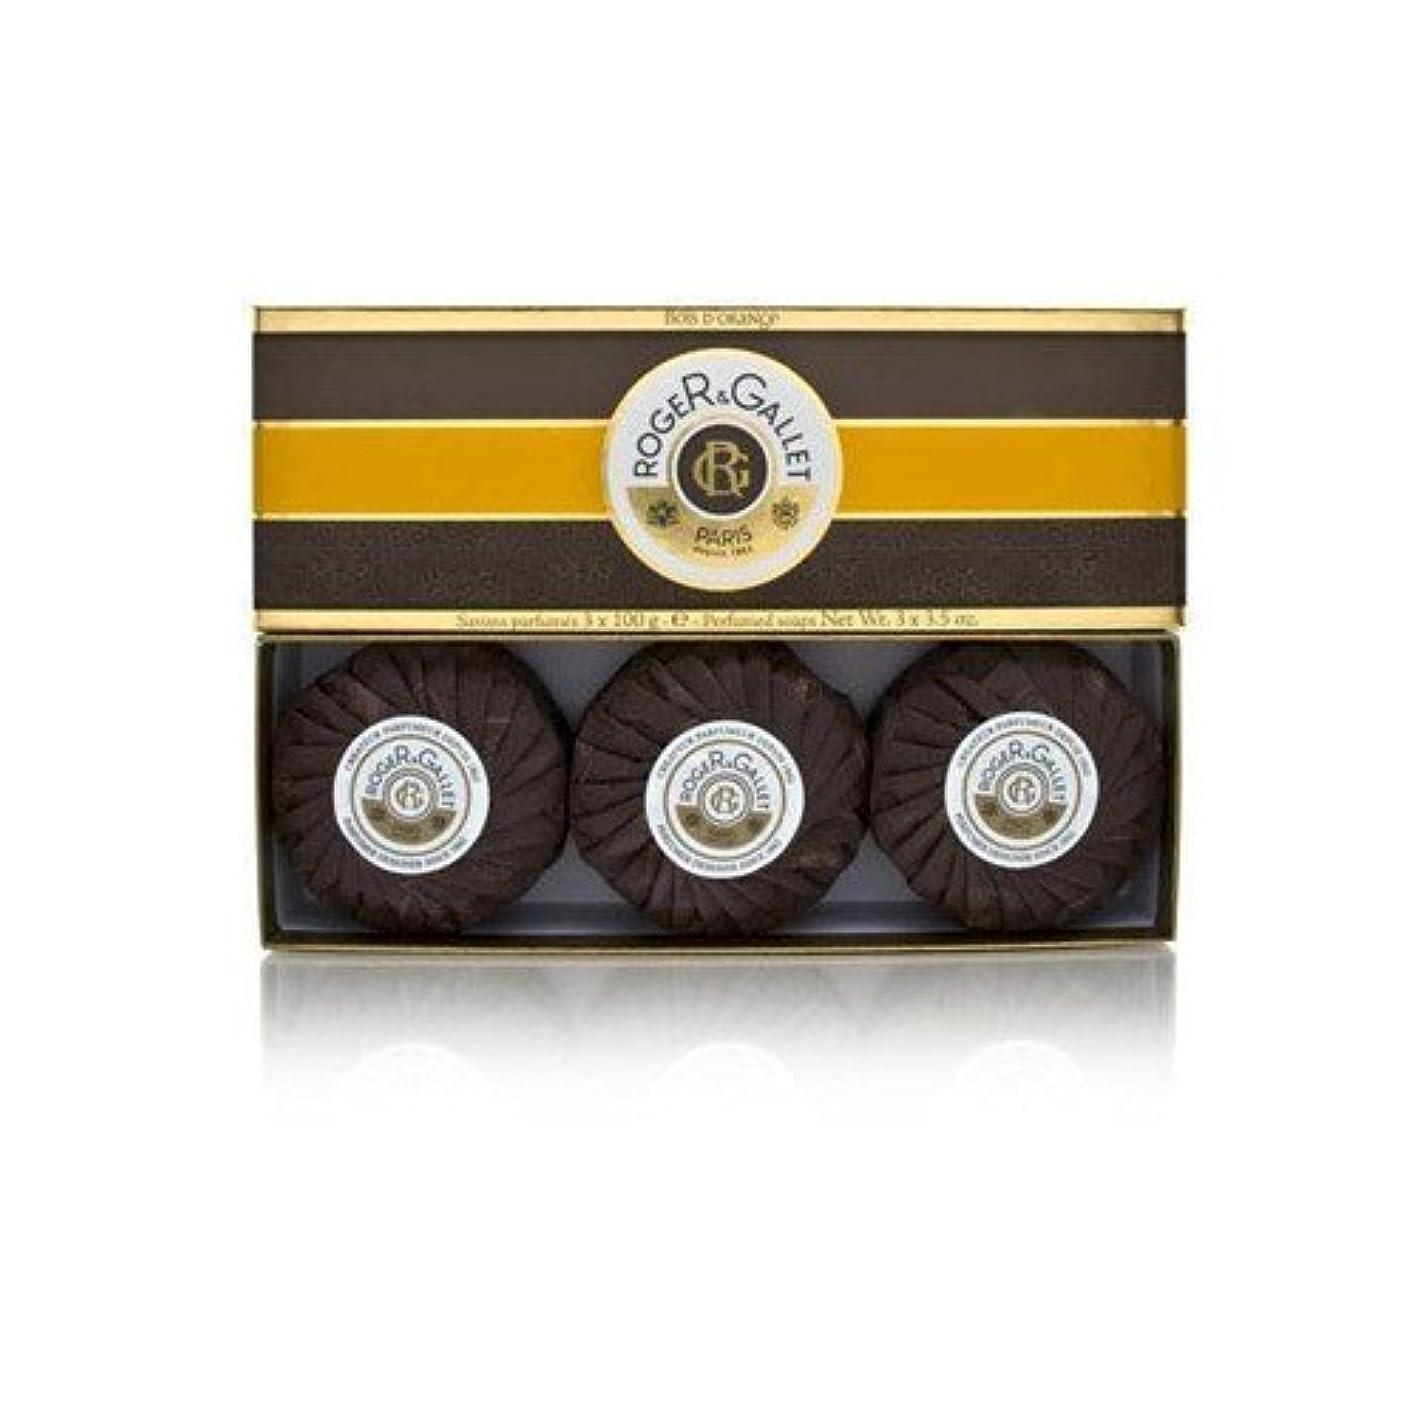 繰り返し逃れる弾丸ロジェガレ ボワ ドランジュ (オレンジツリー) 香水石鹸3個セット ROGER&GALLET BOIS D'ORANGE PERFUMED SOAP [0161]